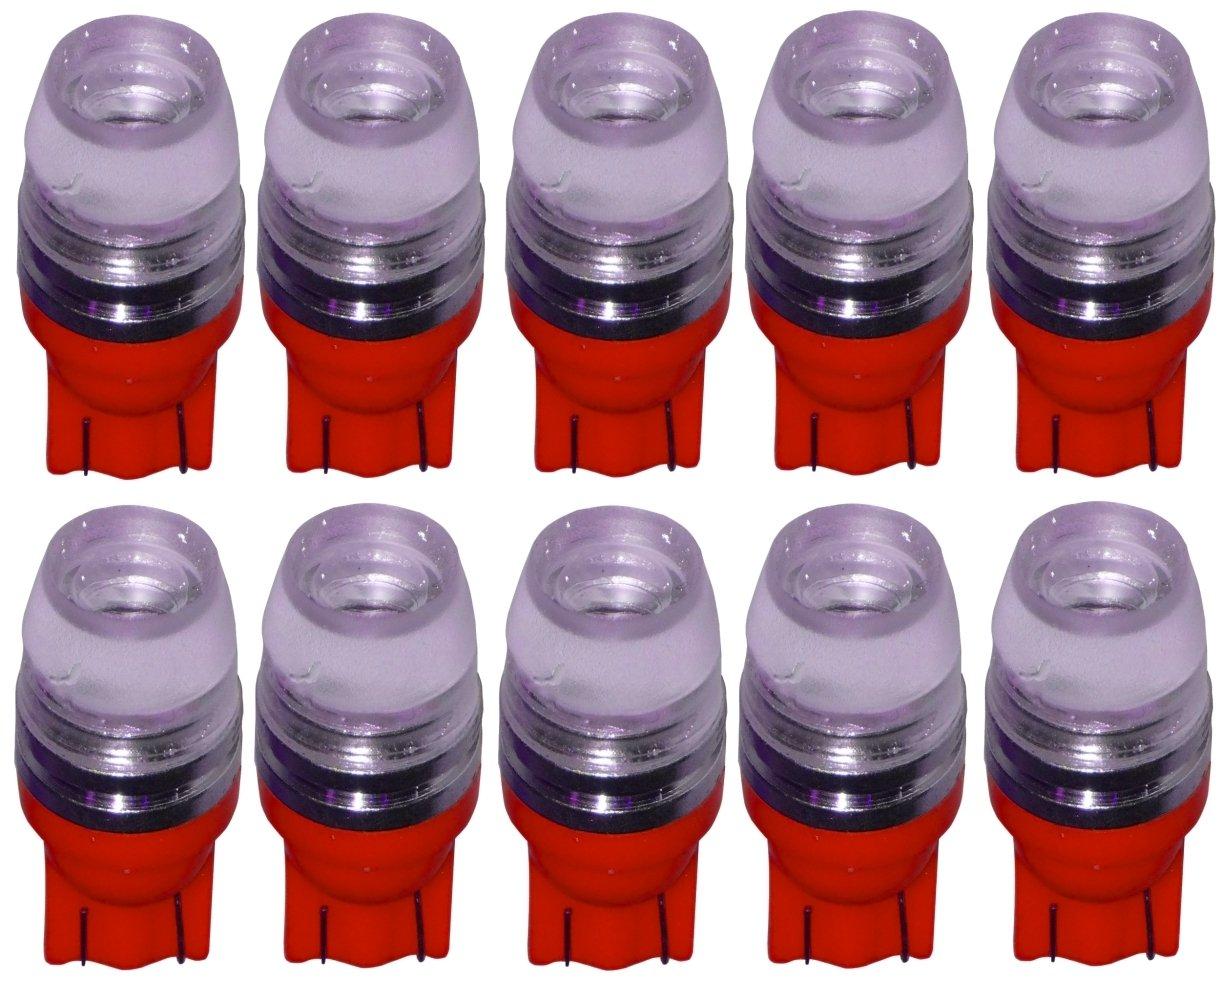 AERZETIX 10x ampoule T10 W5W 12V COB LED HIGH POWER rouge veilleuses é clairage inté rieur seuils de porte plafonnier pieds lecteur de carte coffre compartiment moteur plaque d'immatriculation SK2-C10361-I5